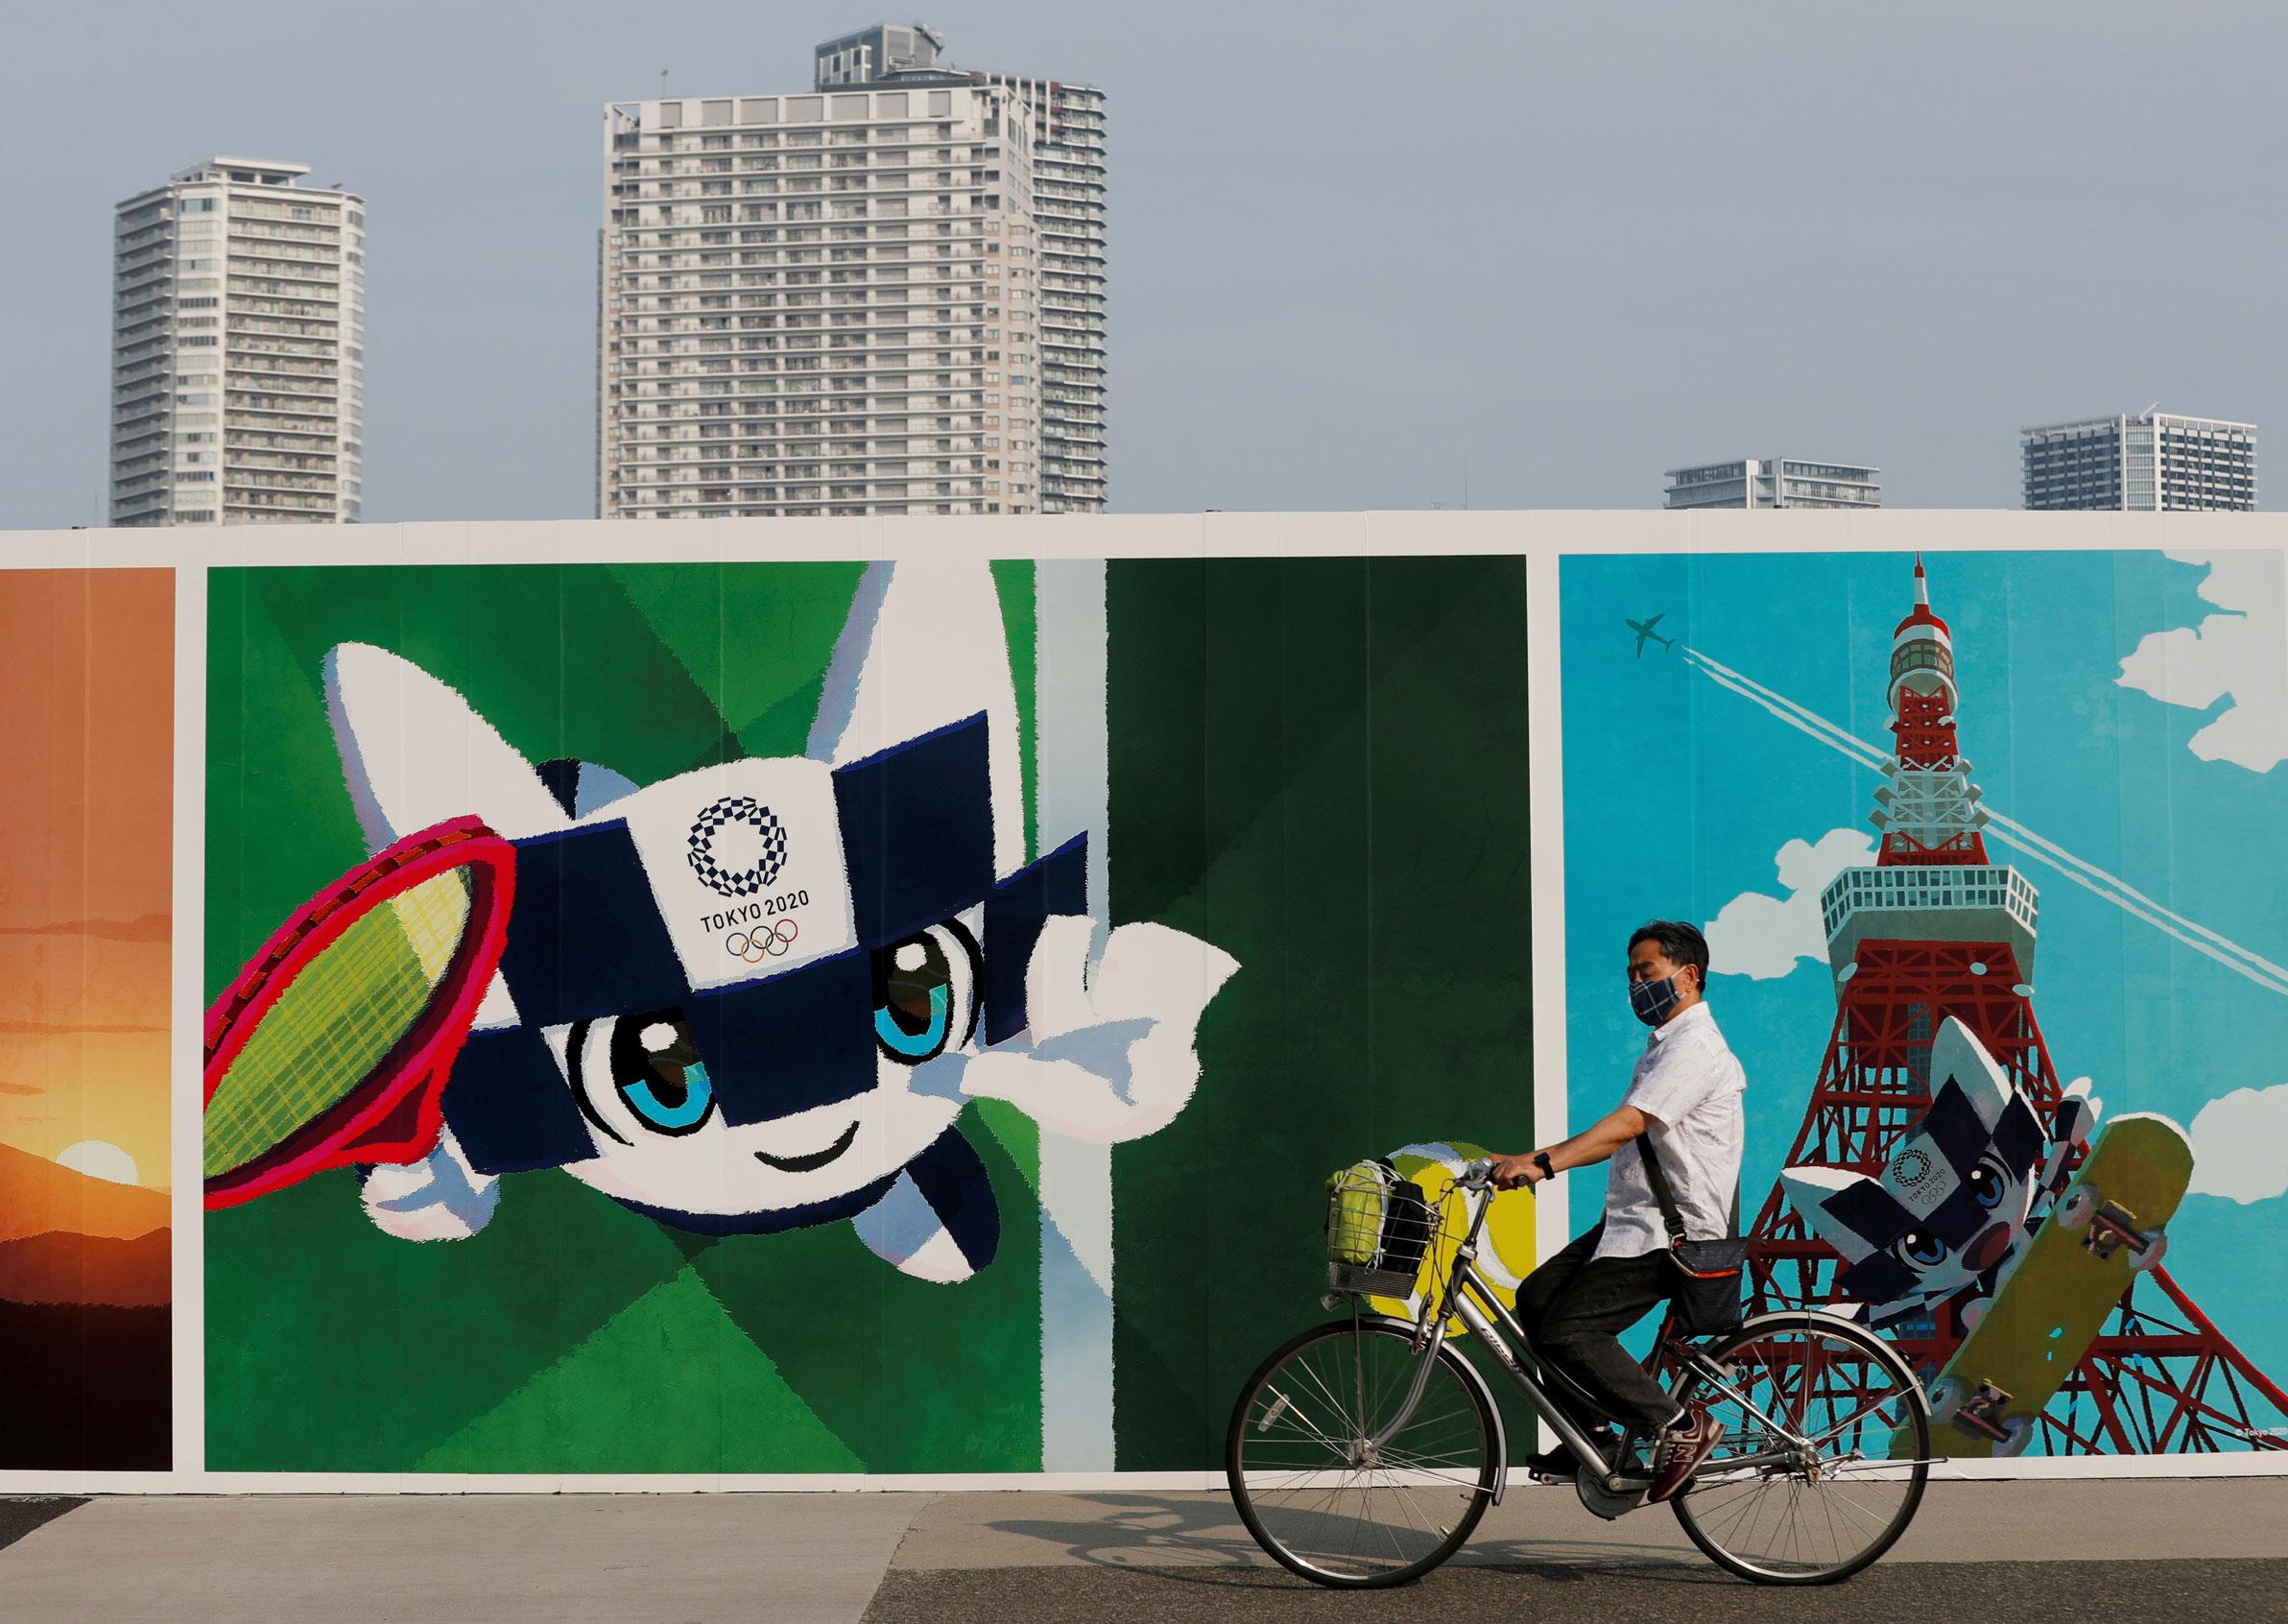 Painel com mascote das Olimpíadas em Tóquio, no Japão